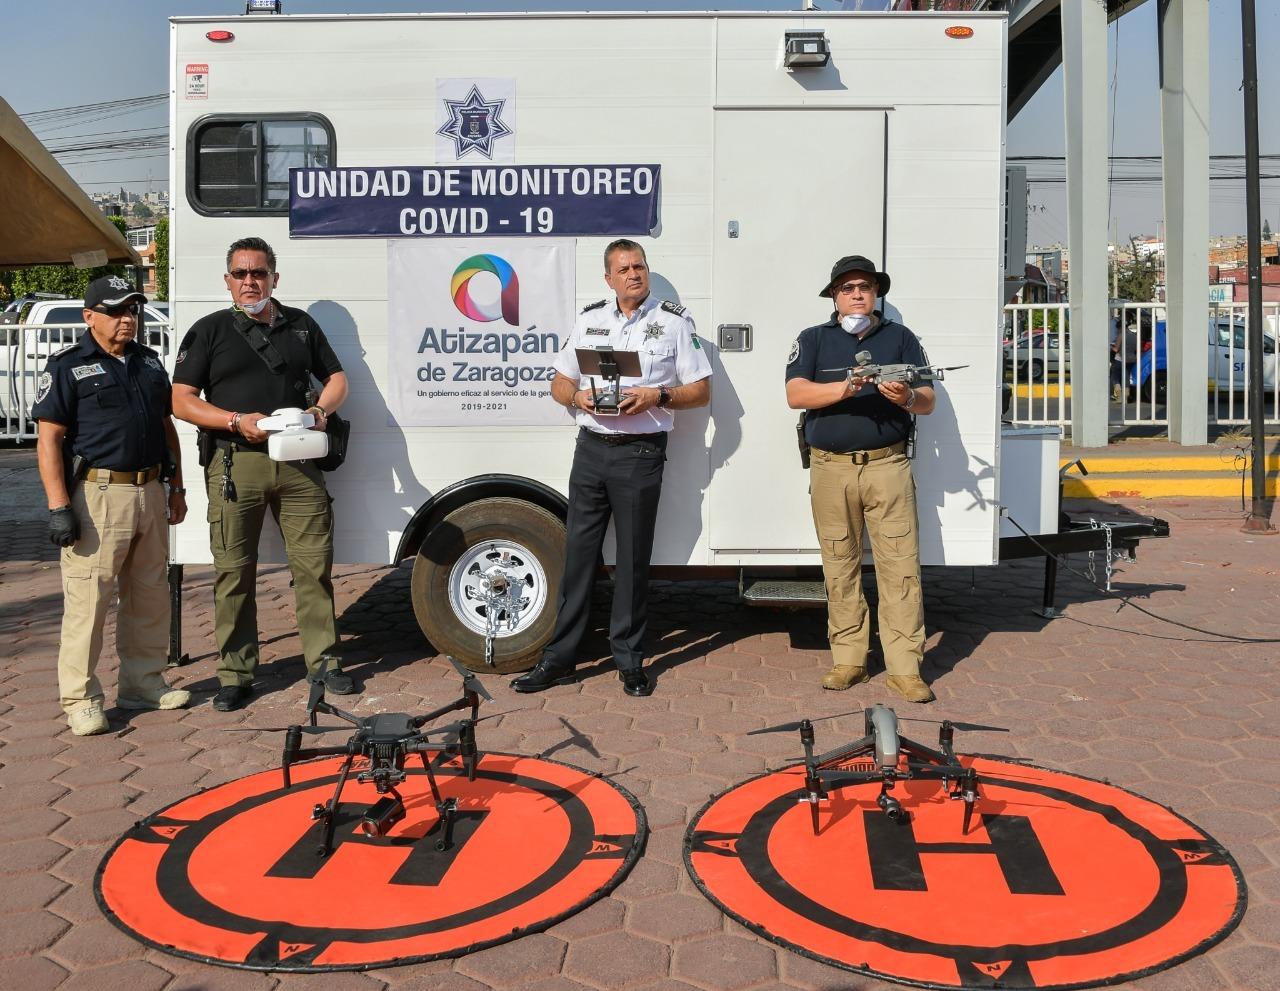 Policia Atizapan utiliza drones